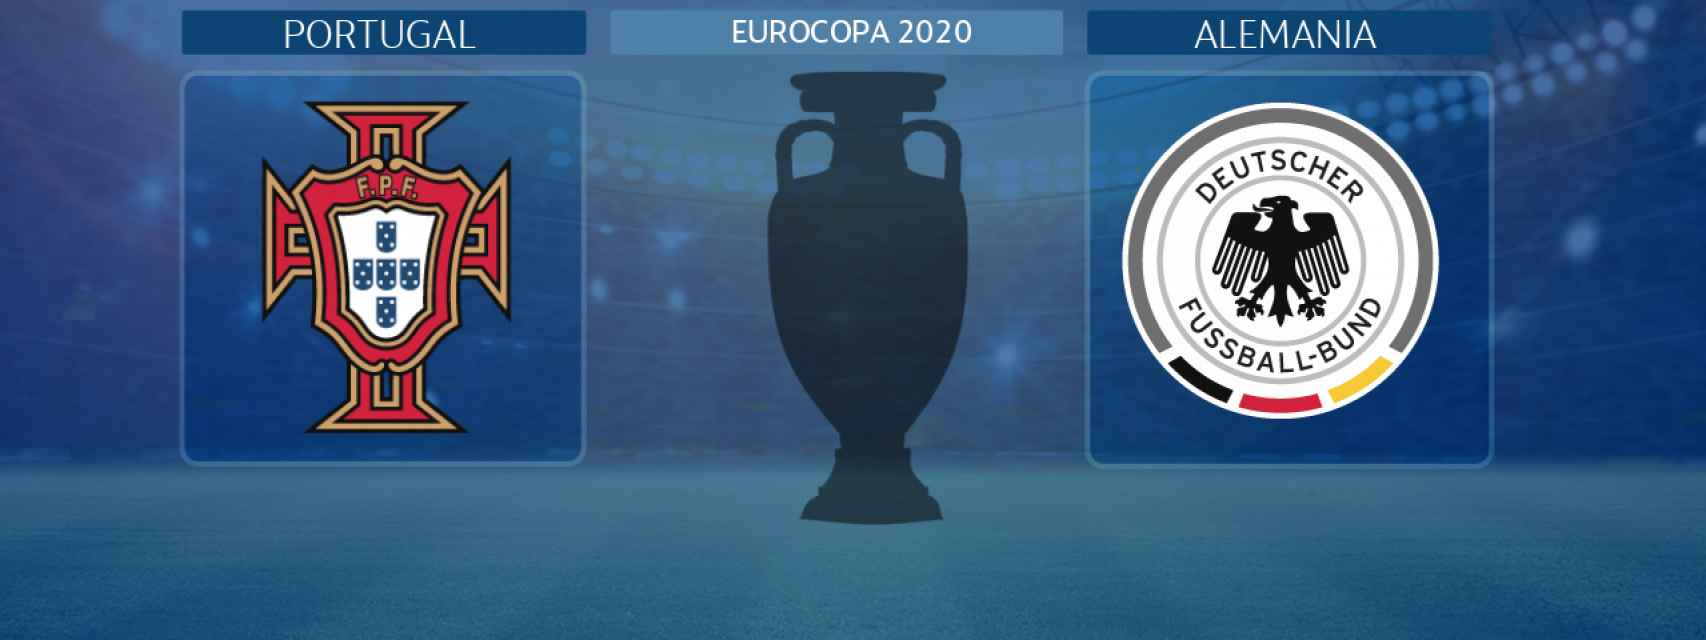 Portugal - Alemania, partido de la Eurocopa 2020